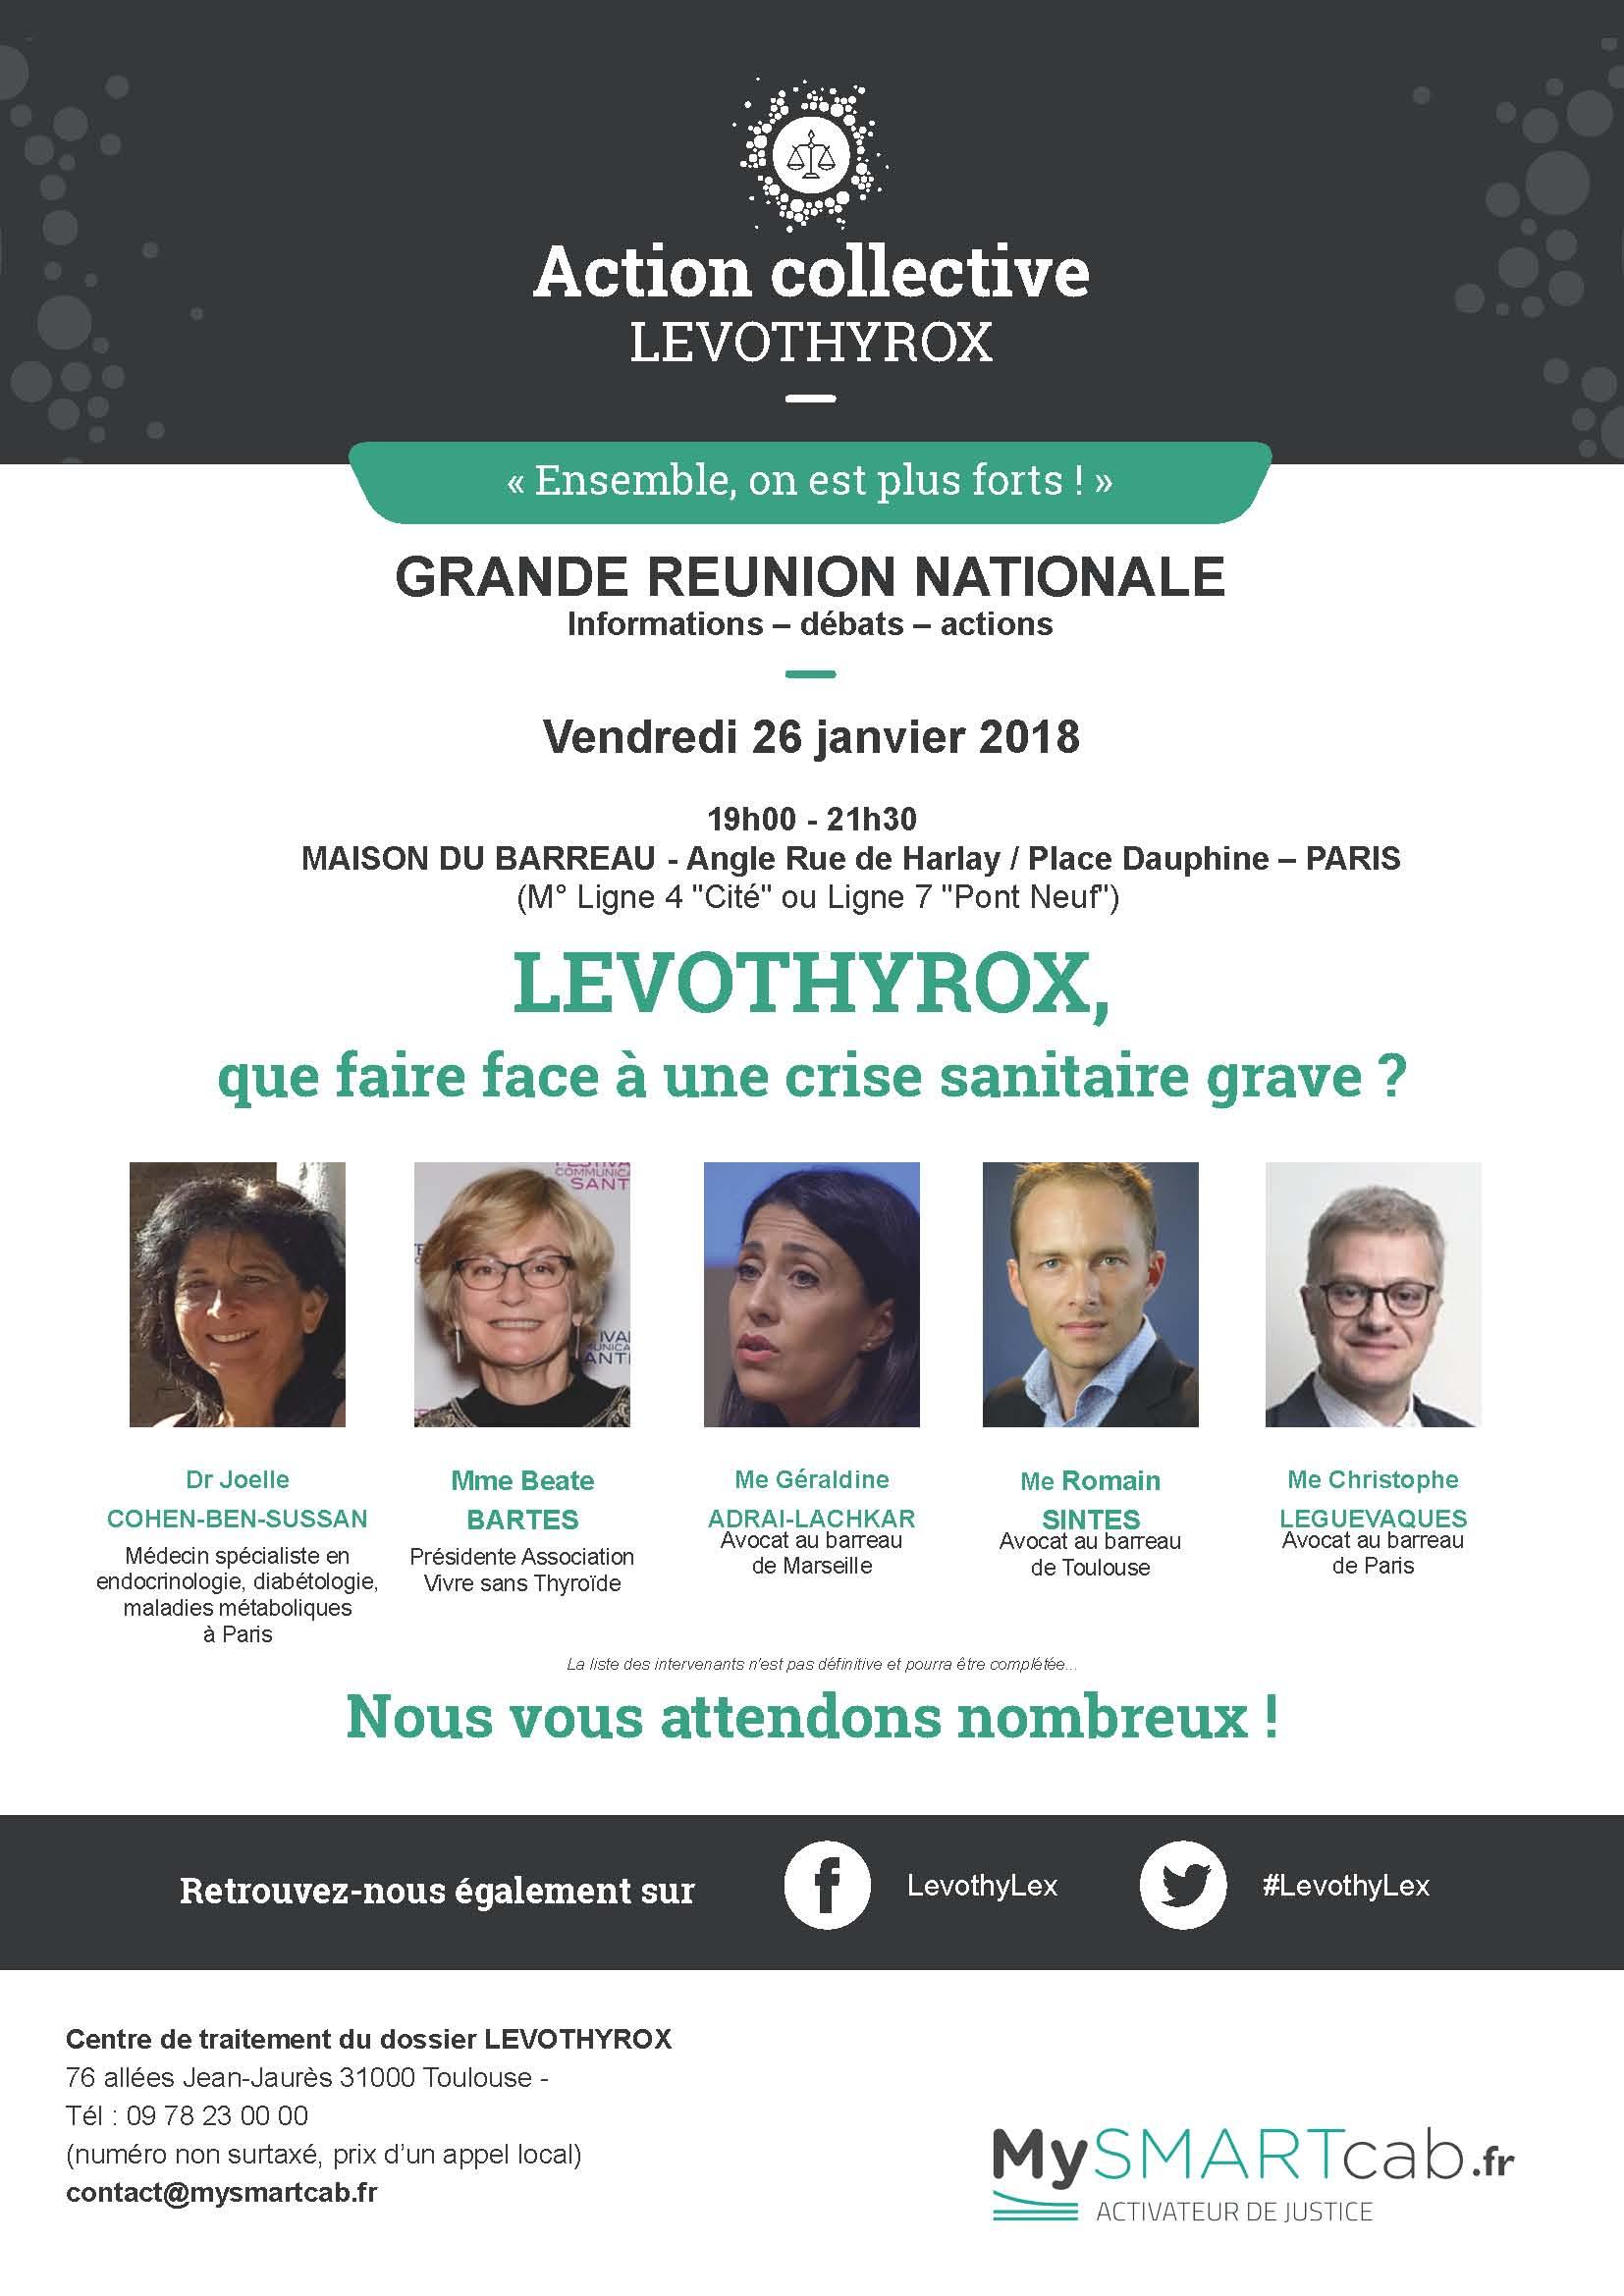 #LEVOTHYROX - Madame la ministre de la Santé, venez rencontrer les malades en direct et sans filtre !